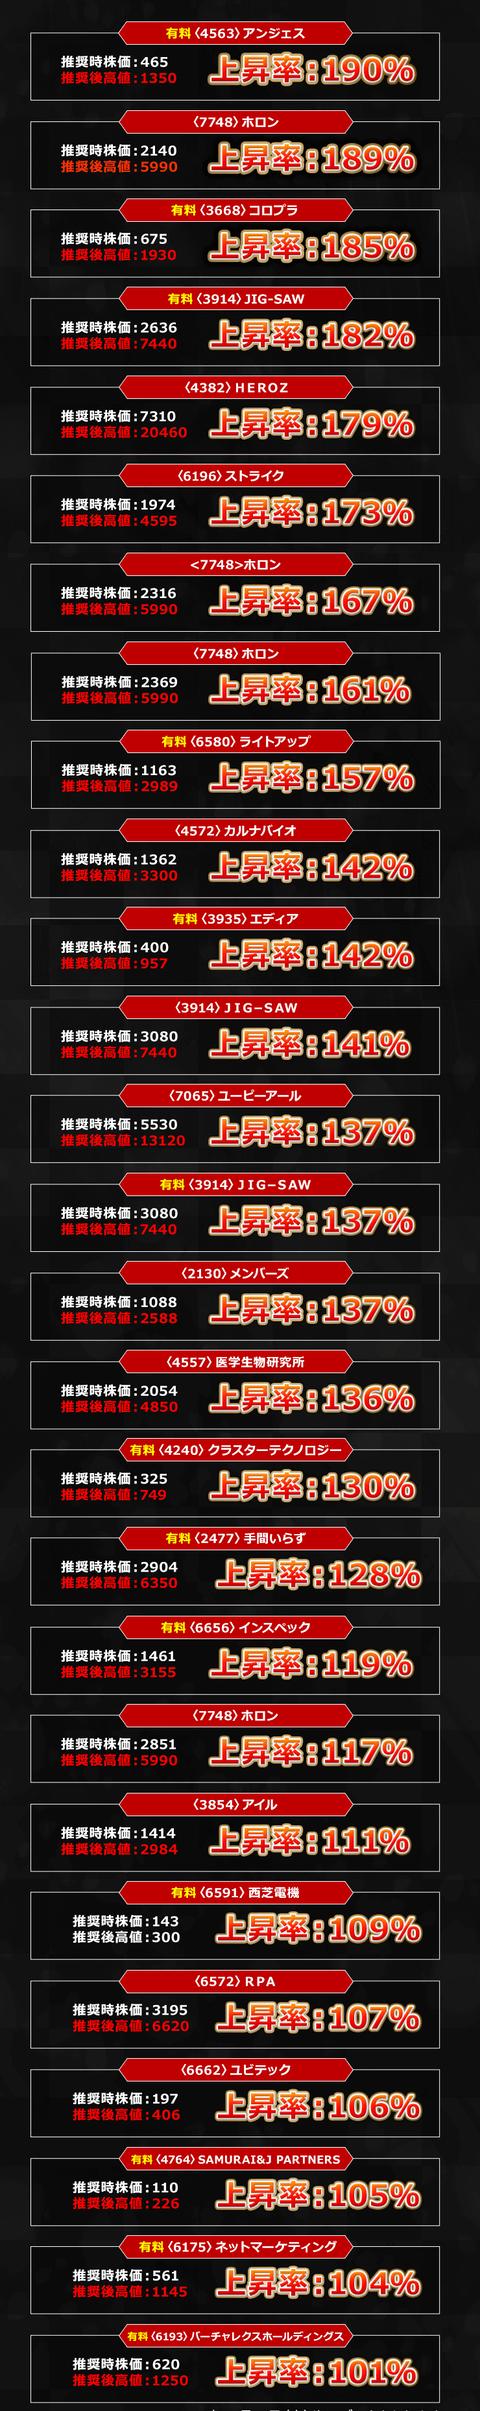 Screenshot_2020-01-17 「株 株」 無料プレゼント(1)